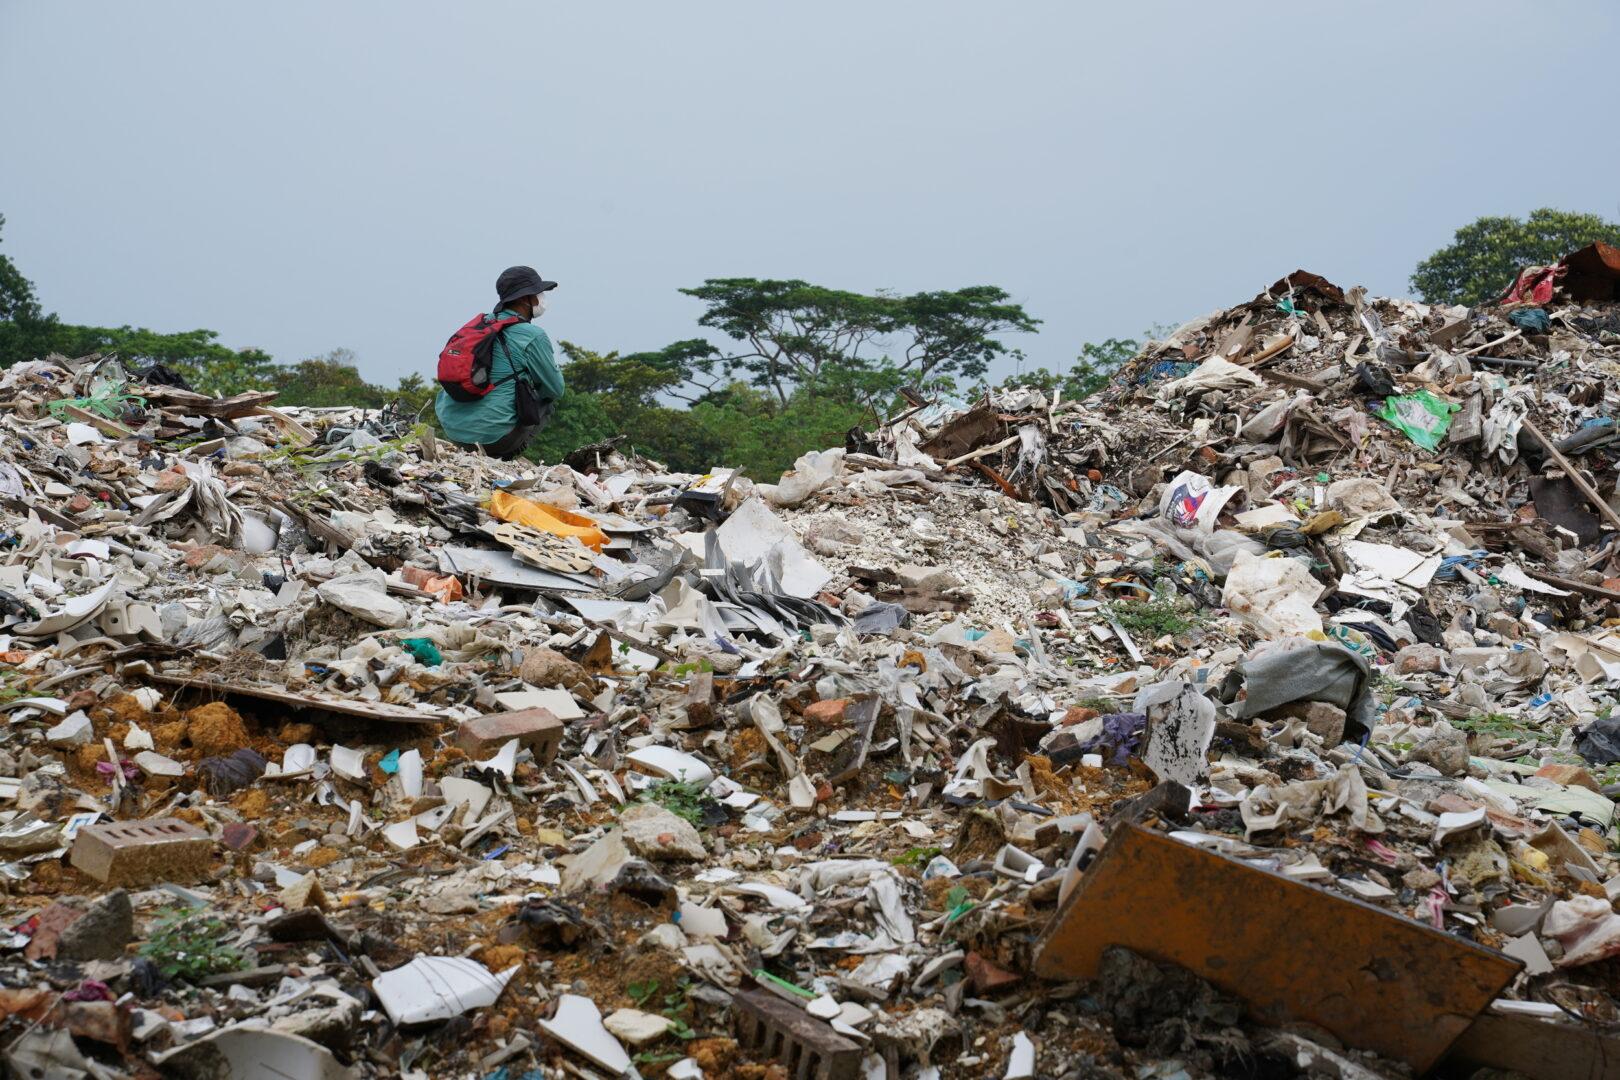 décharge de déchets plastiques à Johor (Malaisie)